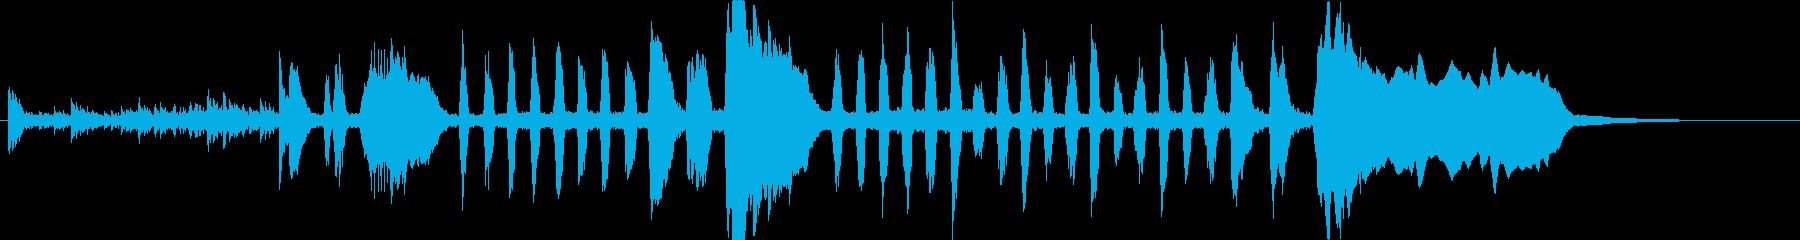 小太鼓ロール付ファンファーレ楽隊風の再生済みの波形